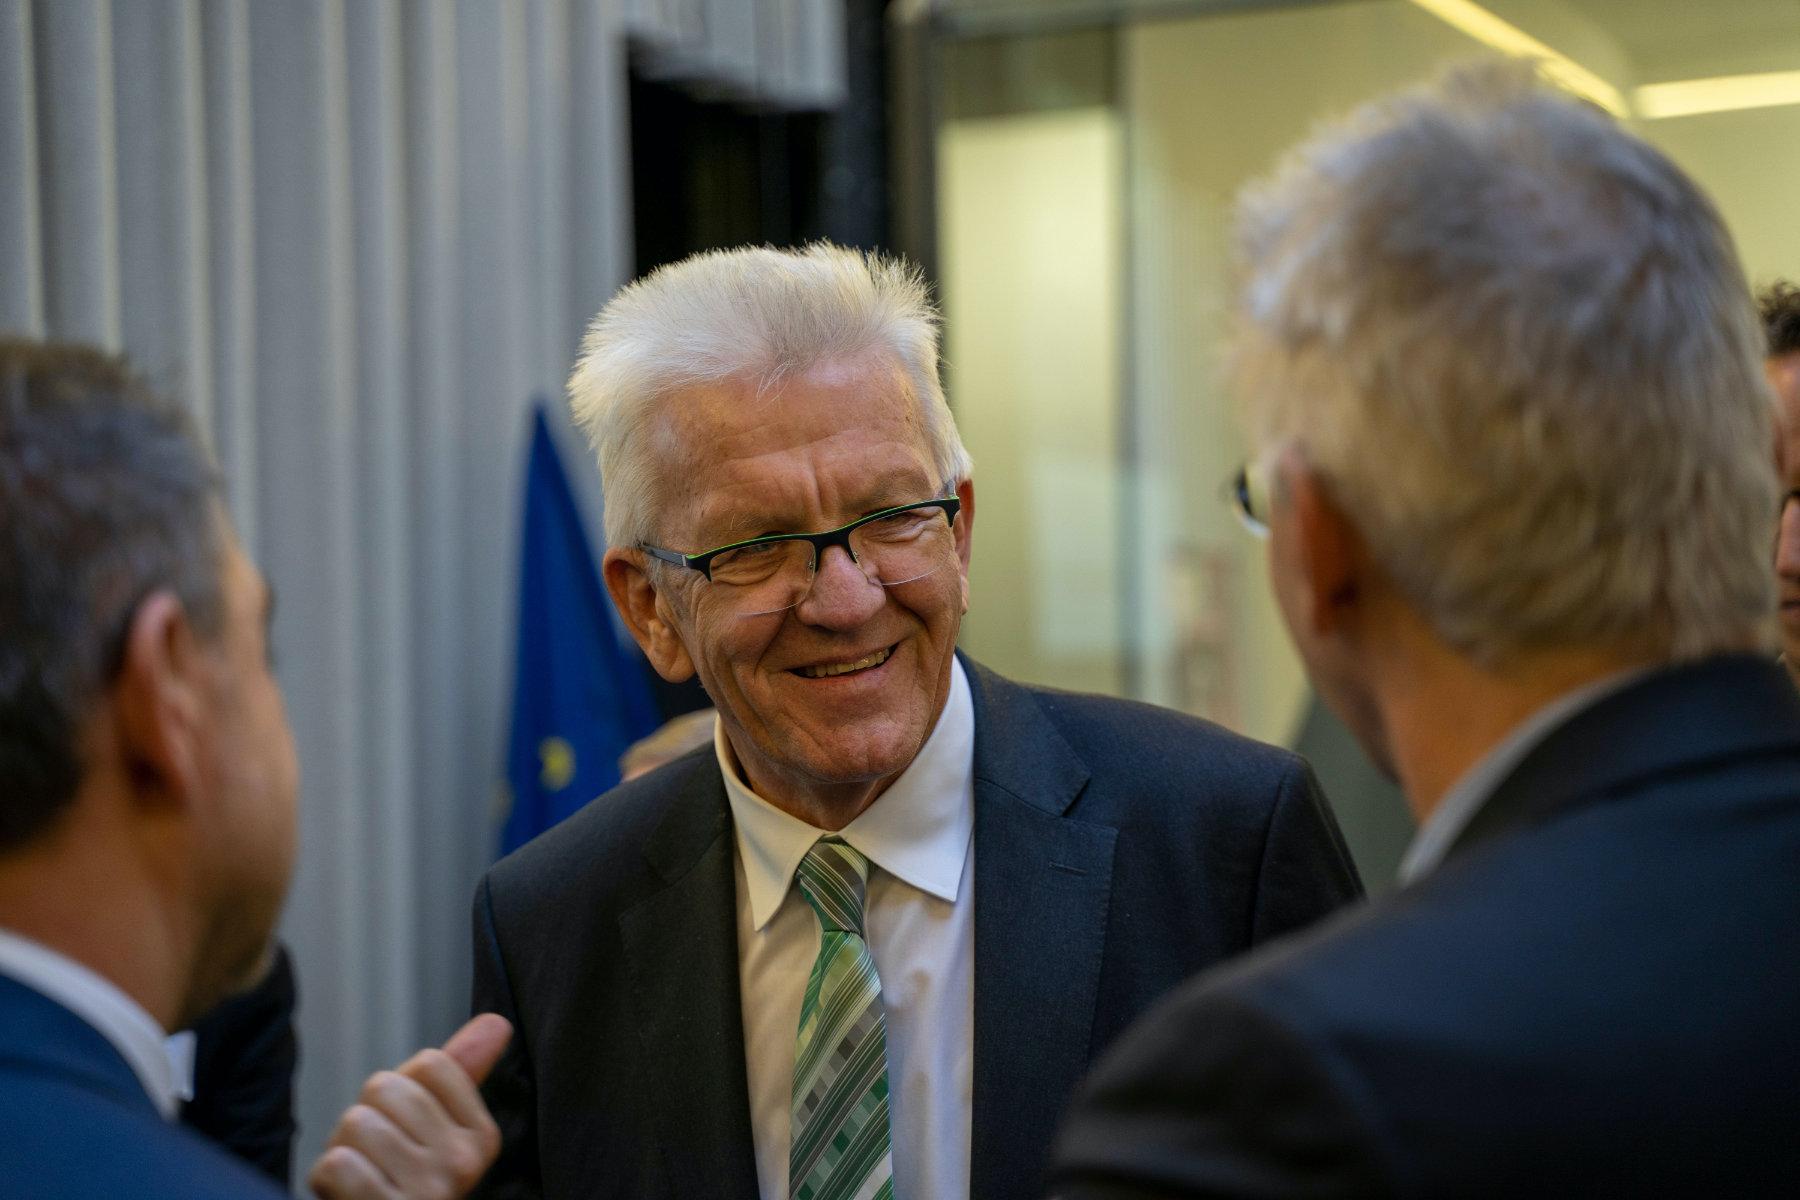 Winfried Kretschmann. Der Ministerpräsident des Landes Baden-Württemberg ist Schirmherr der DACH+HOLZ International 2020 und wird zum Ende des Architekturkongress über die Bedeutung des heutigen Holzbaus sprechen.